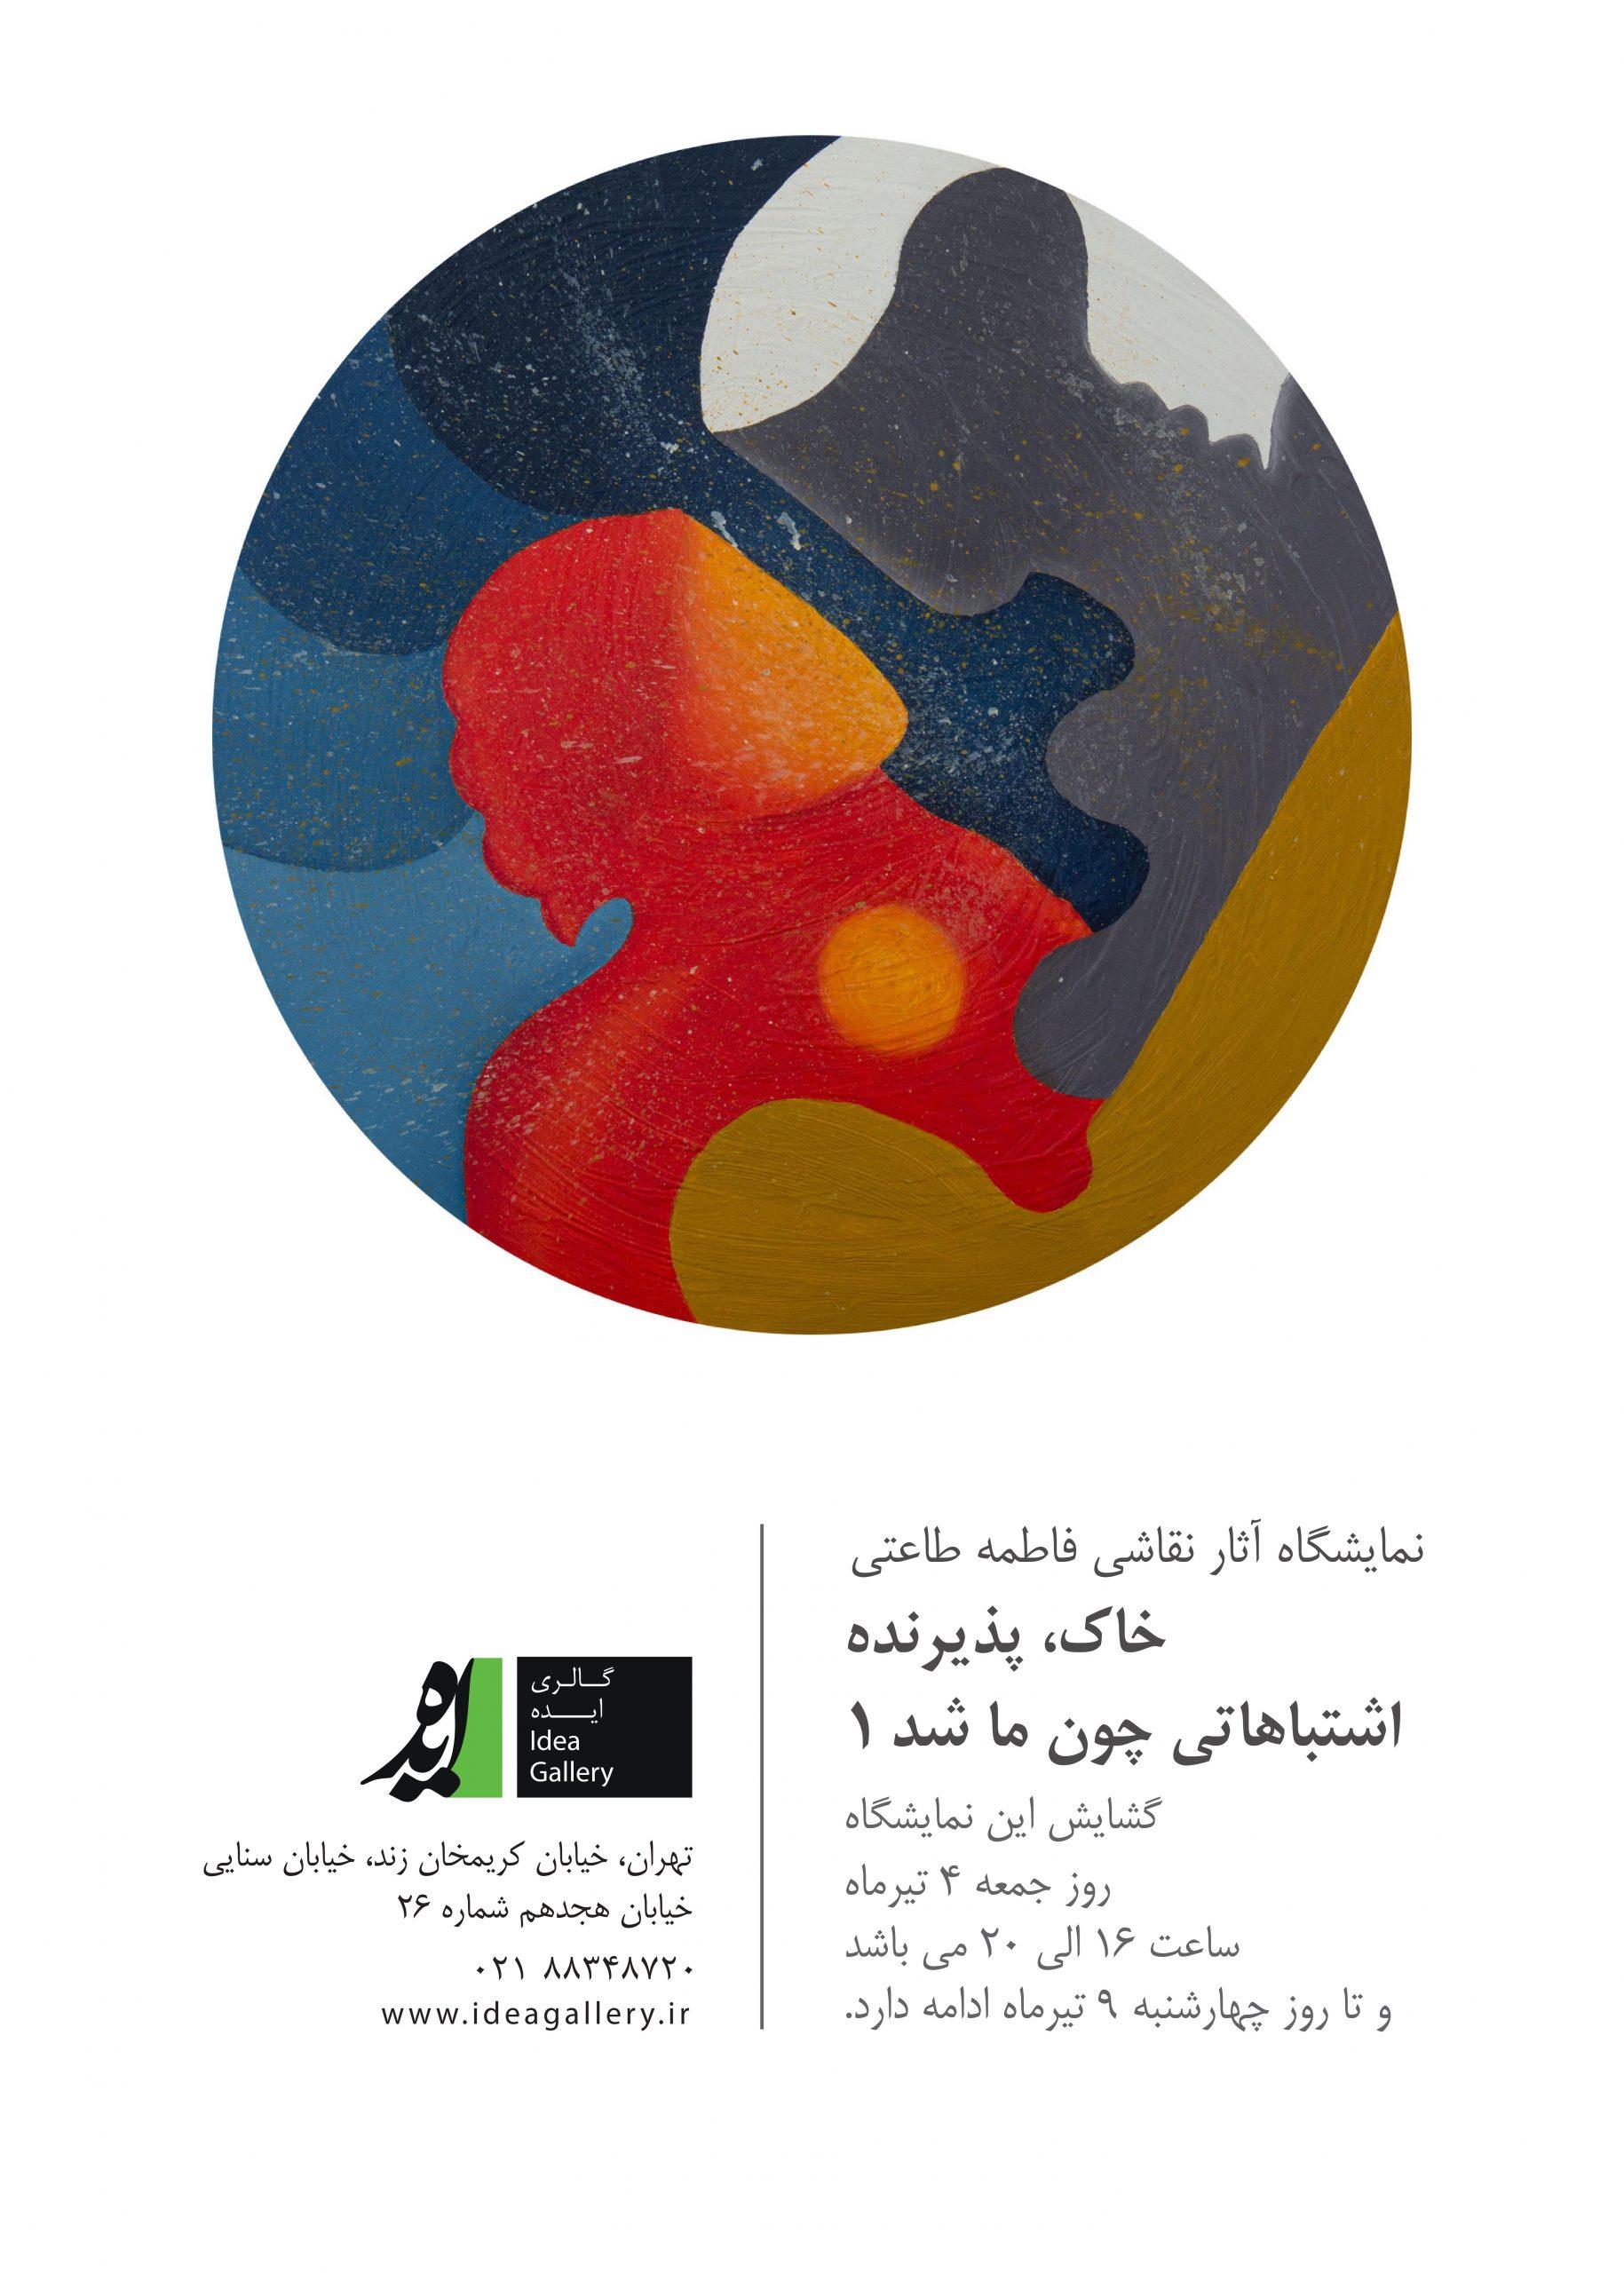 نمایشگاه فاطمه طاعتی در گالری ایده